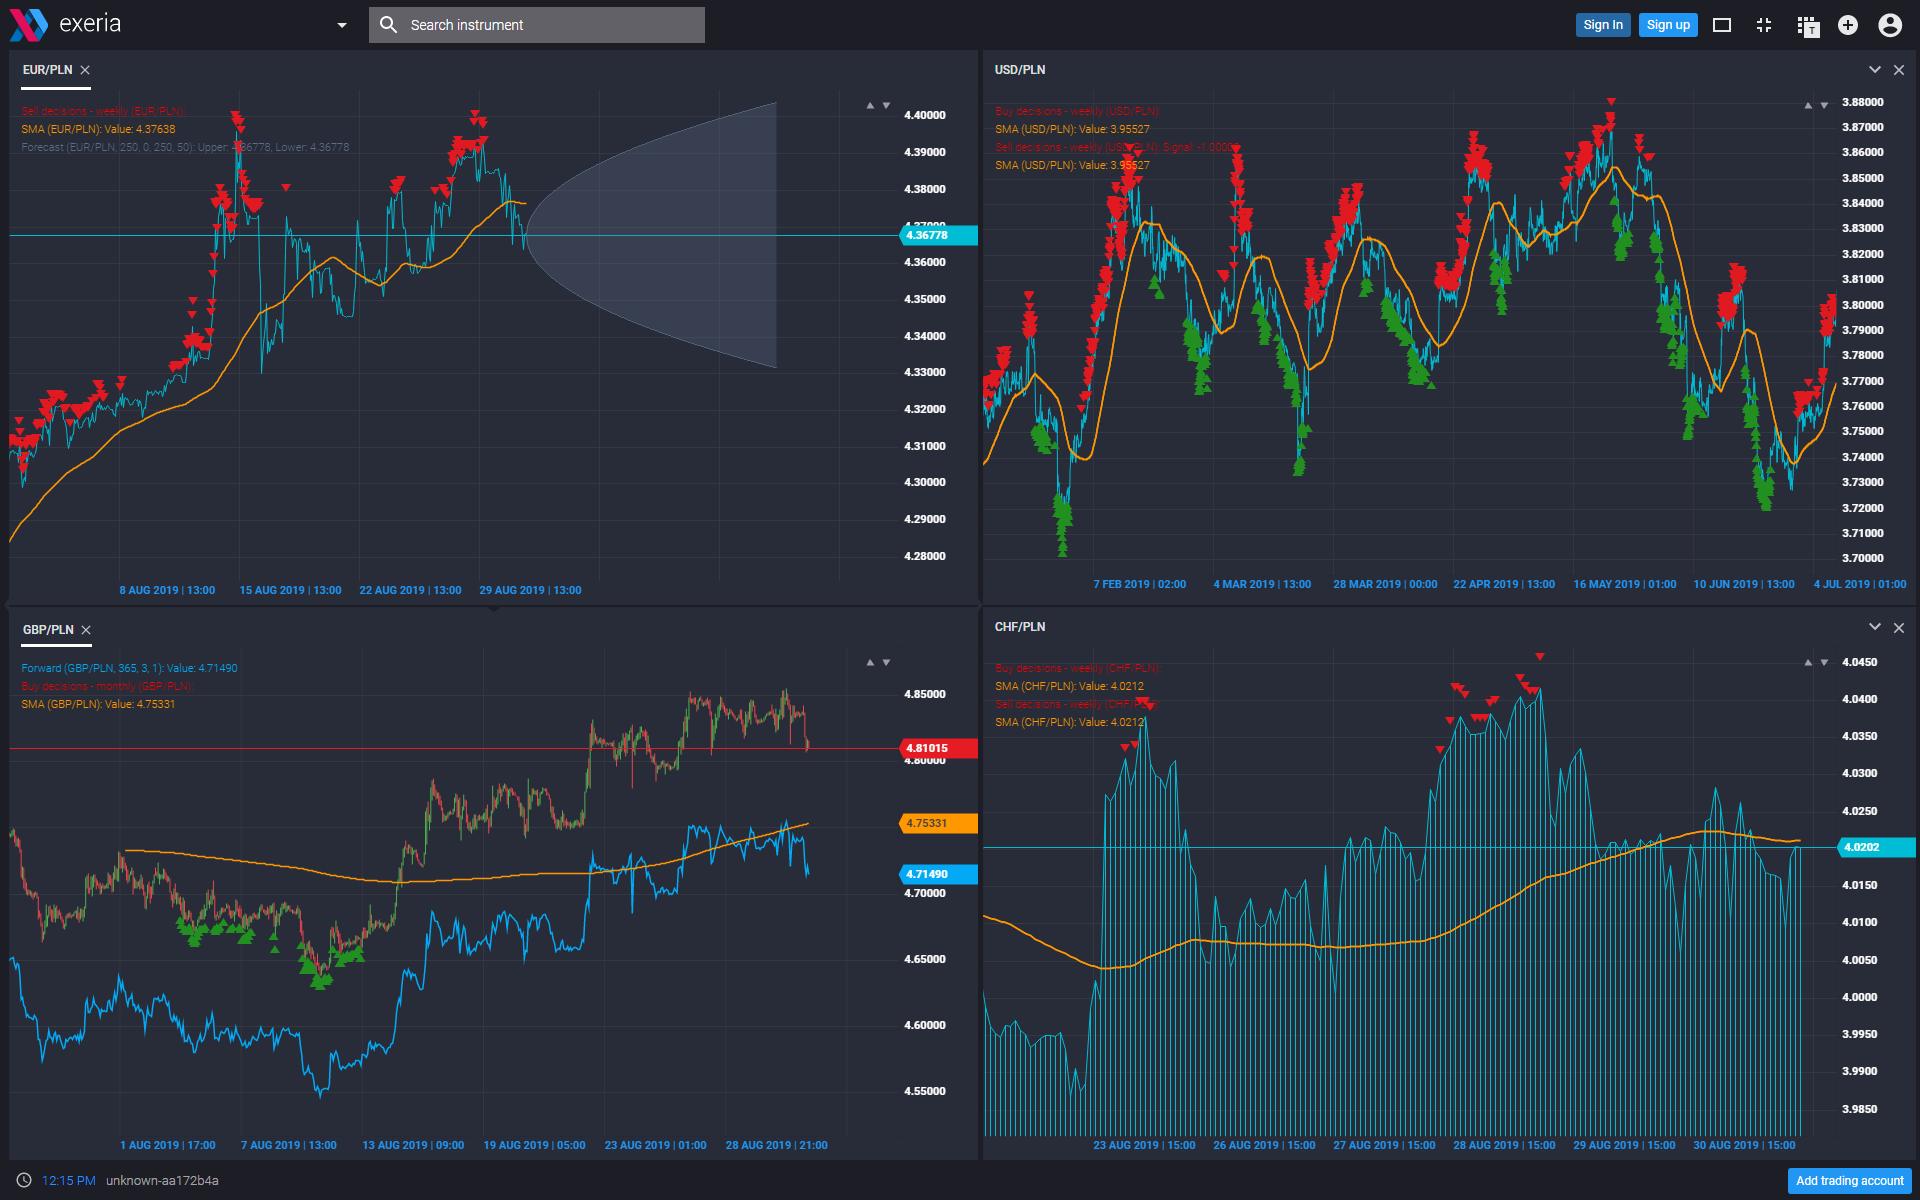 analizy rynkowe, wykresy, prognoza kursów, FX, waluty, importer, eksporter, EUR USD CHF PLN GBP JPY